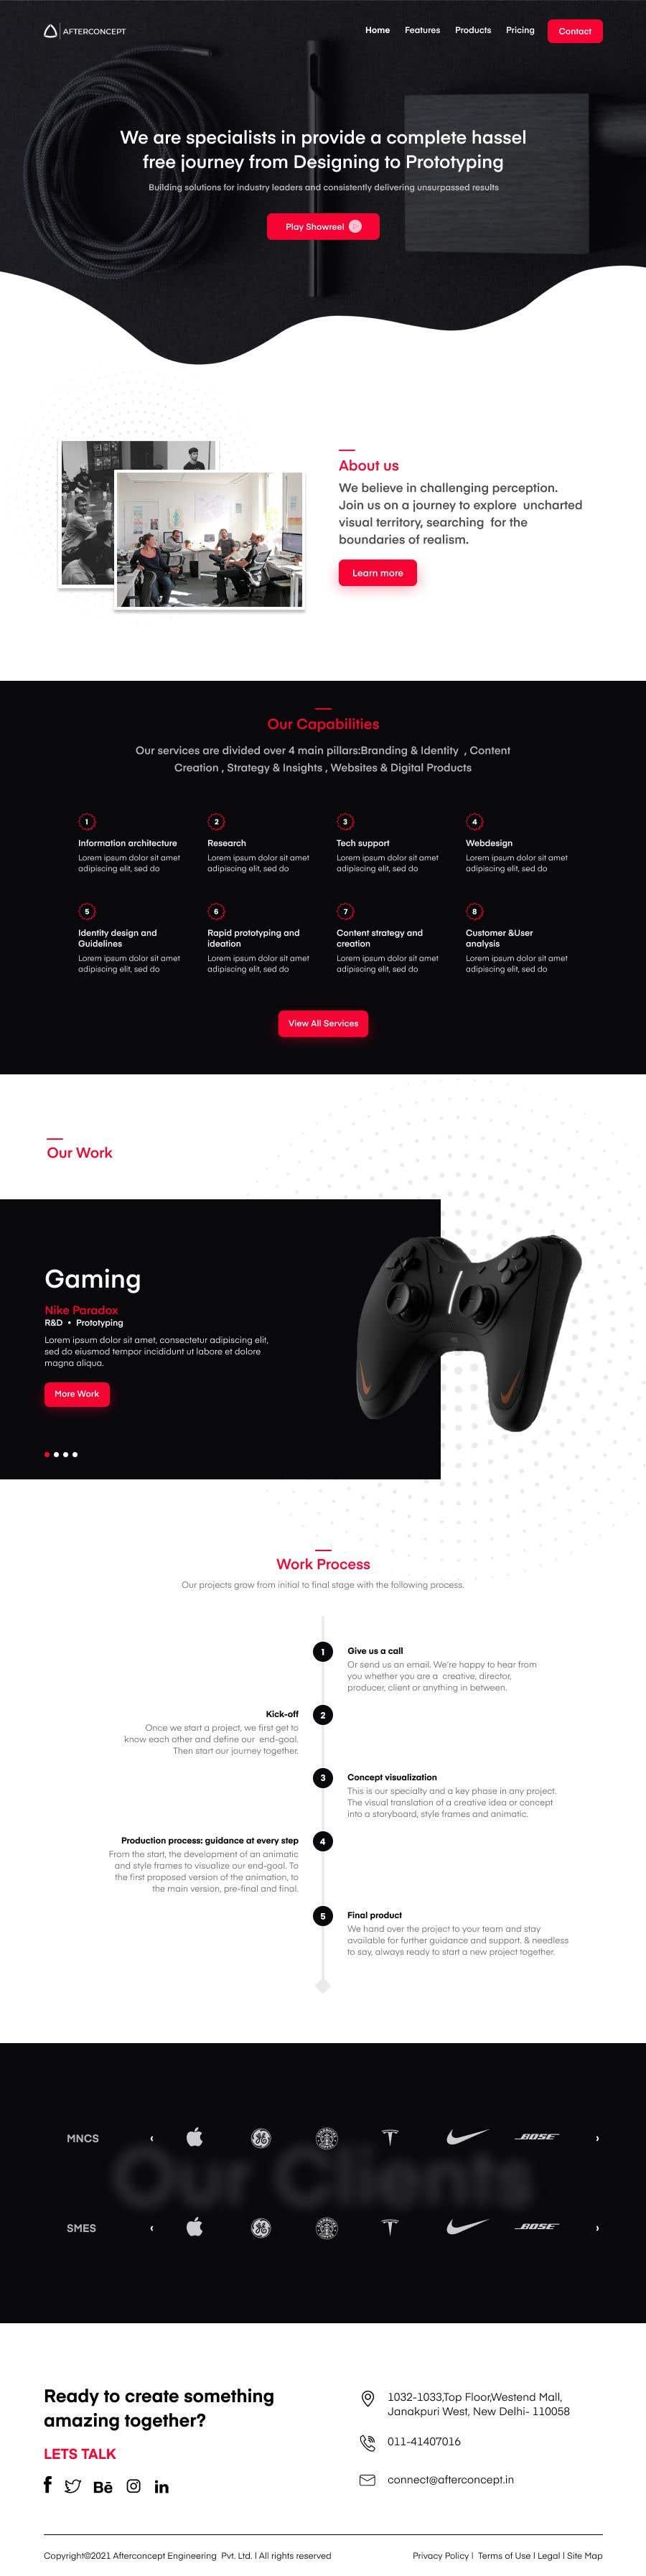 Konkurrenceindlæg #                                        23                                      for                                         Improve UI/UX design for the website